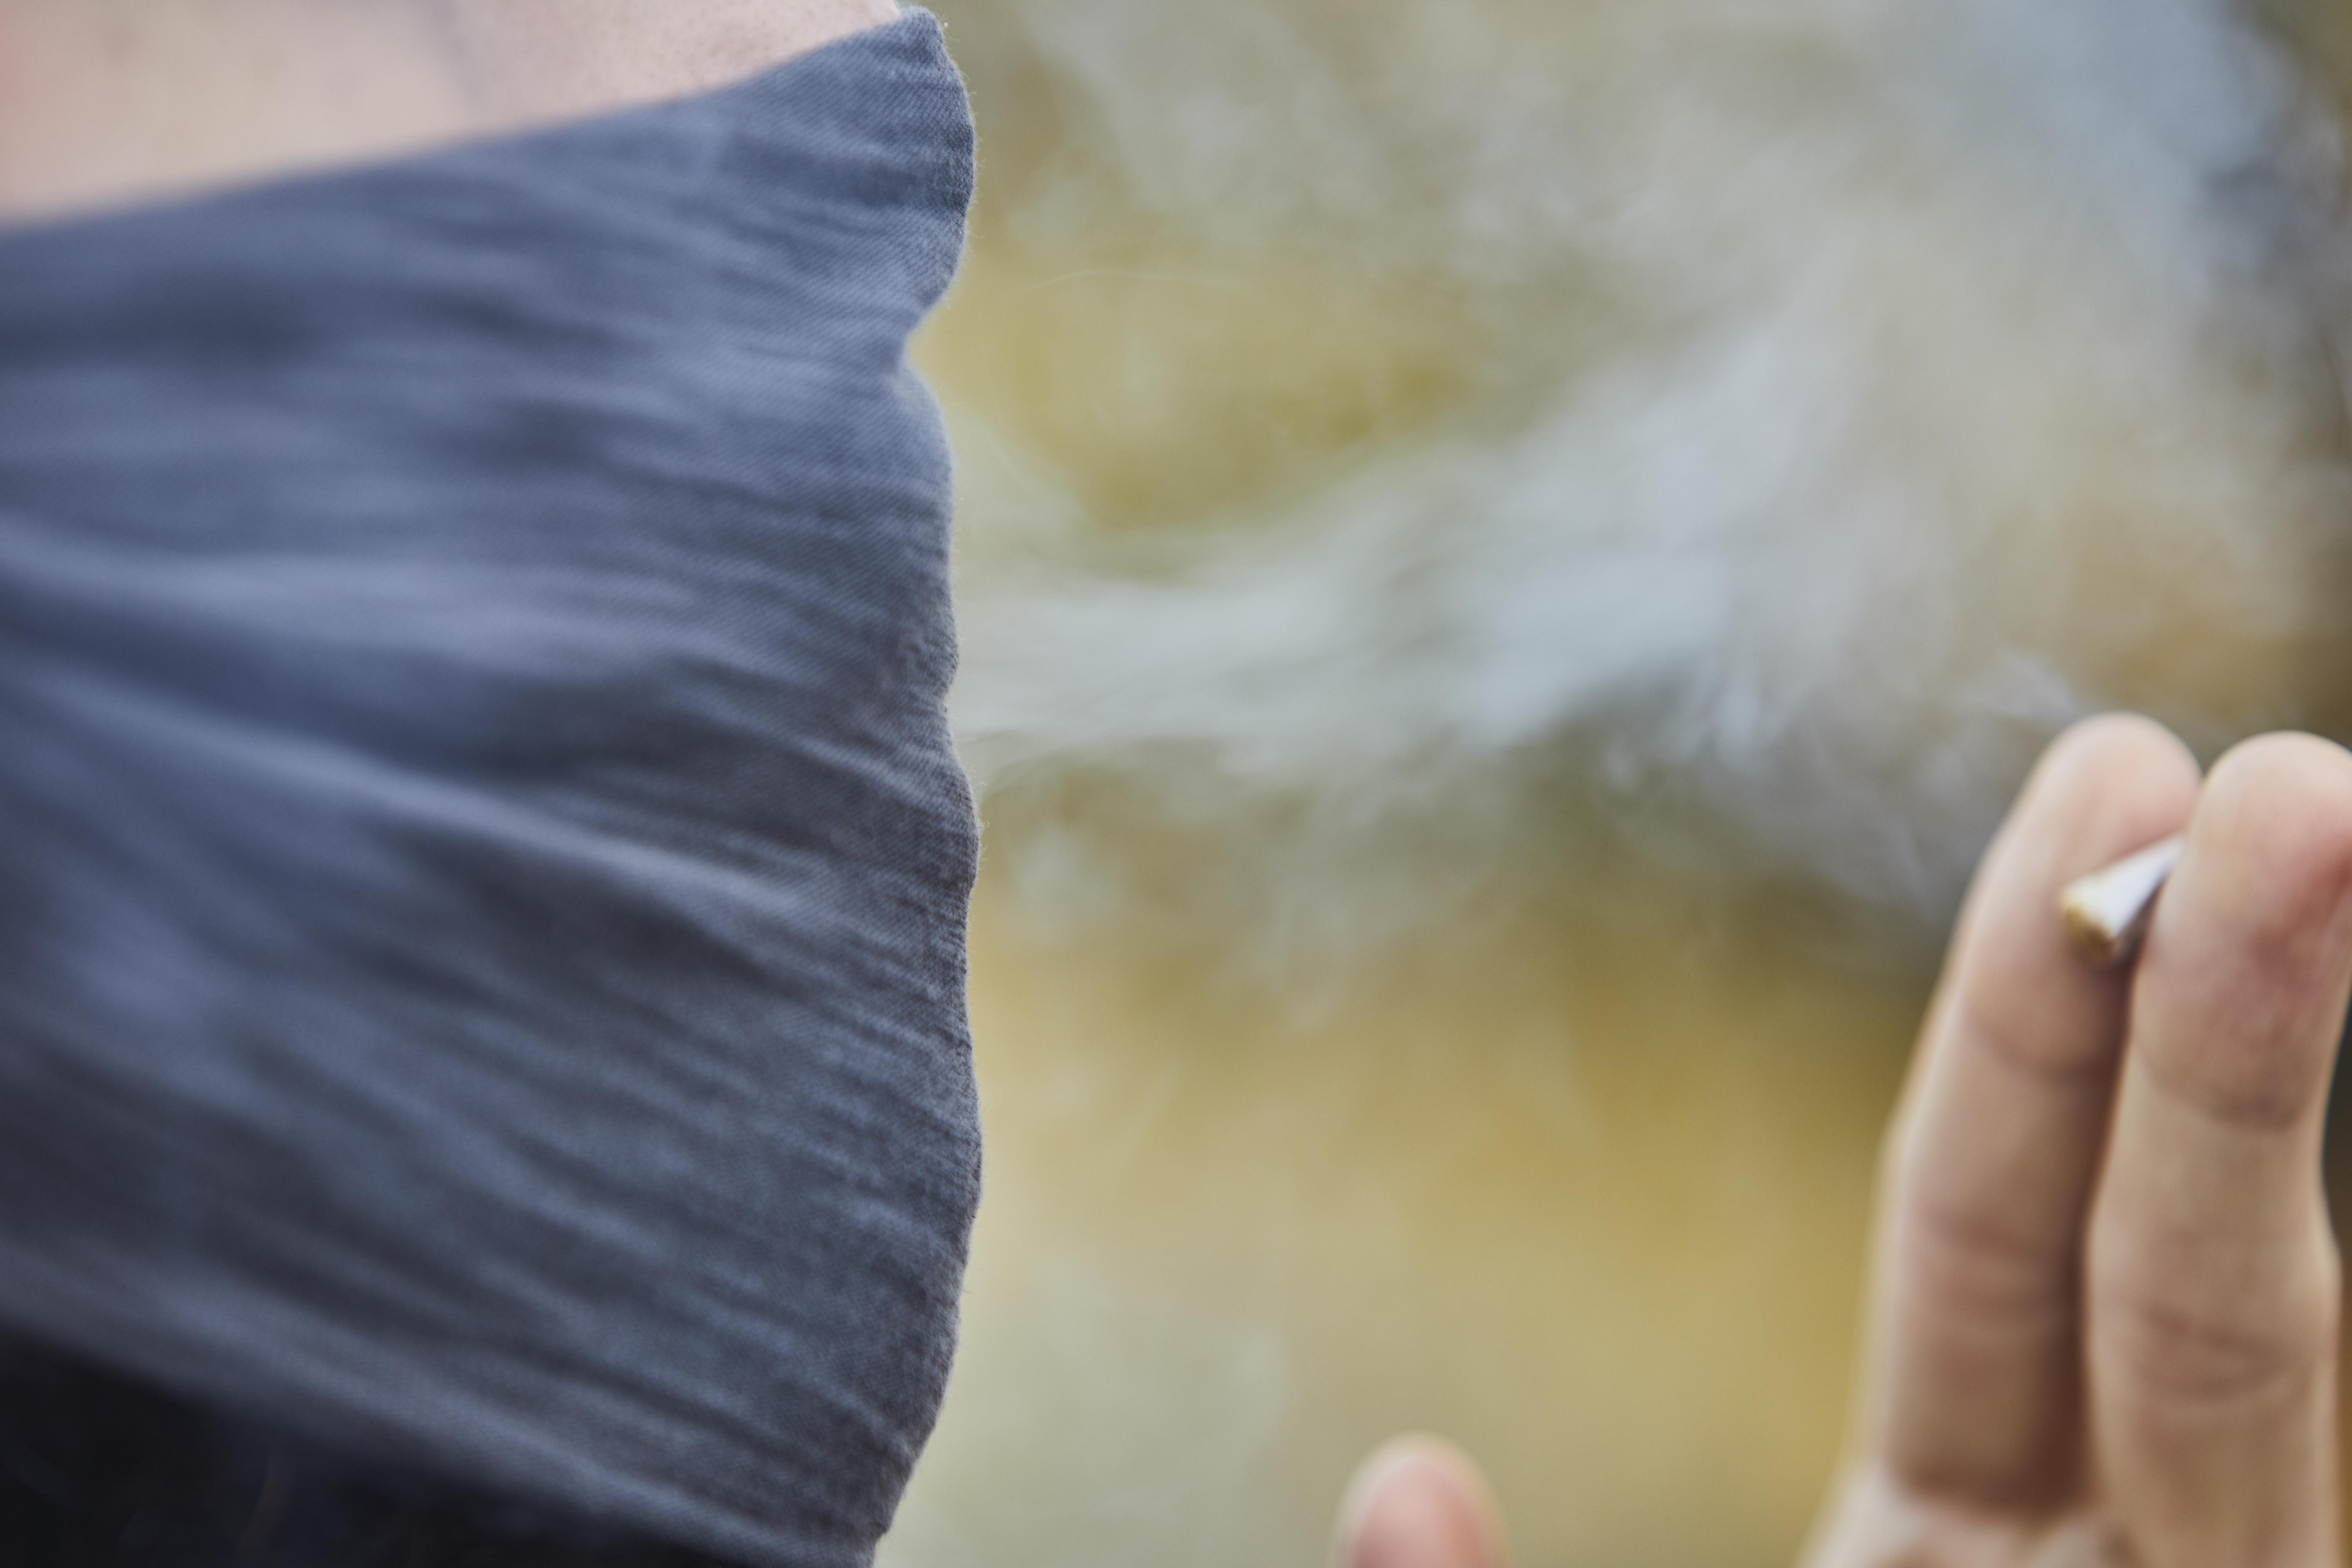 La fumée de cigarette a un impact toxique sur le biofilm bactérien, protecteur dans les poumons (Visuel Adobe Stock 362611429)